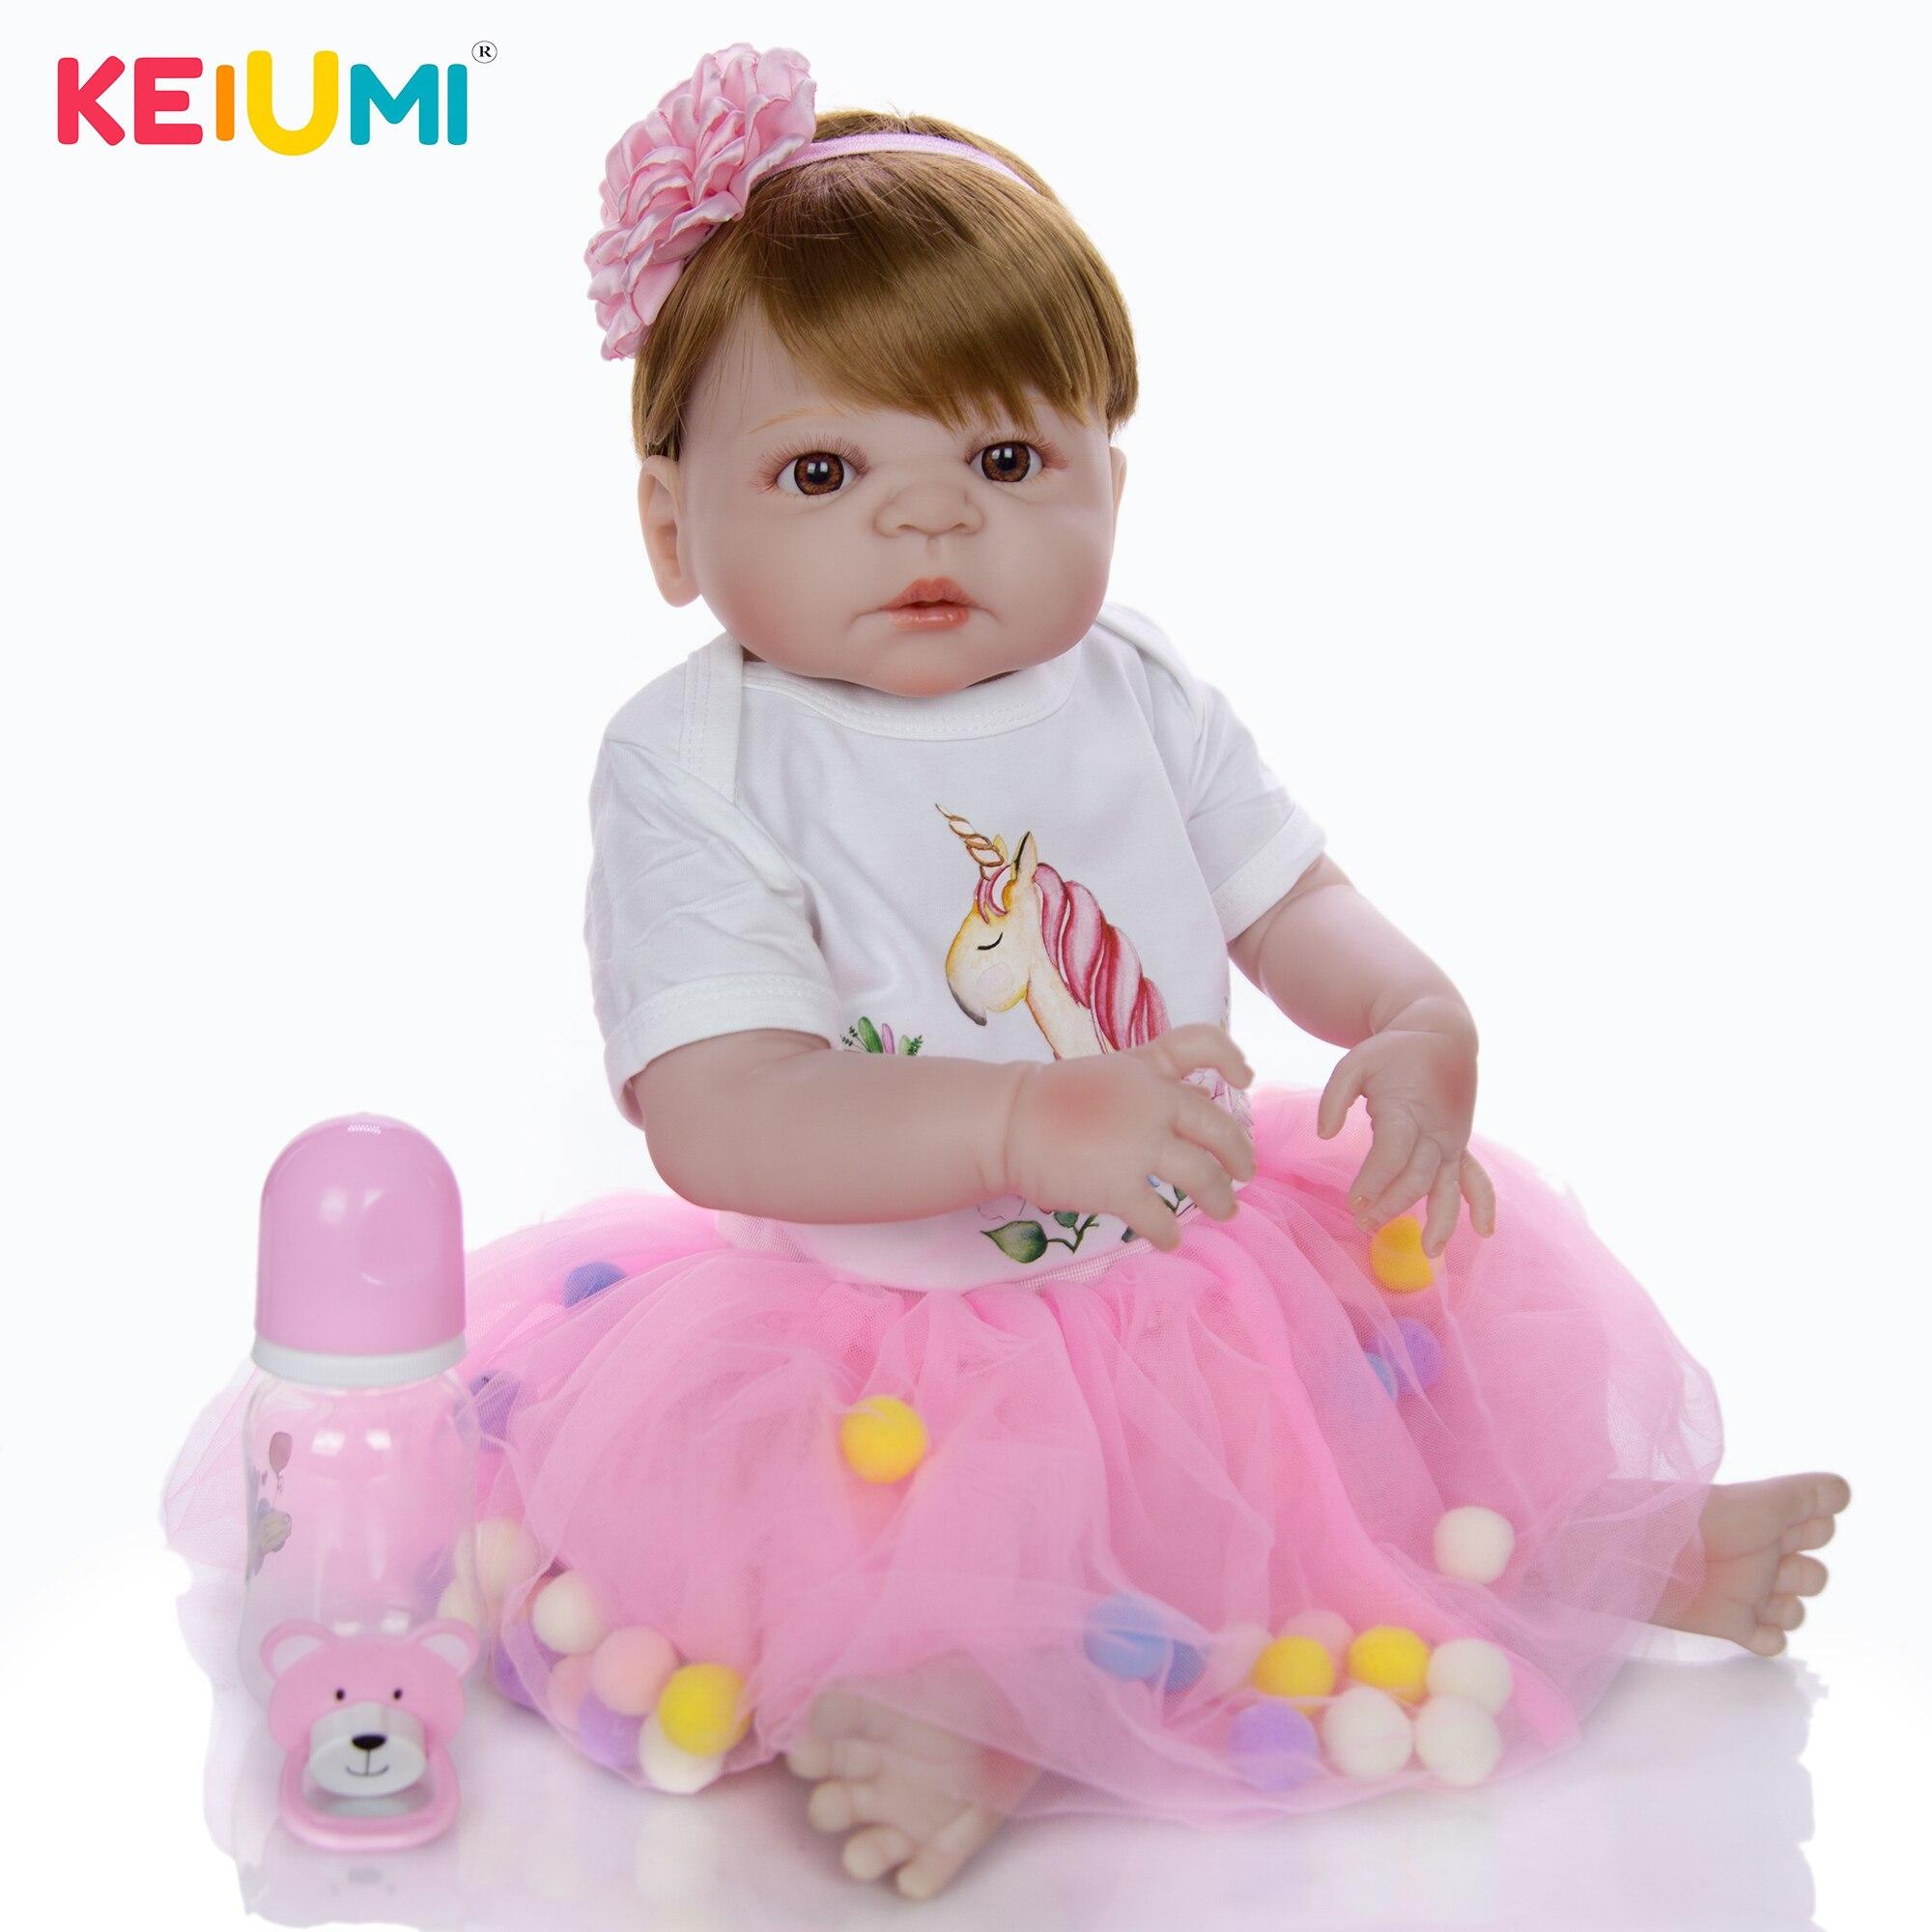 Moda 23 57 57 57 cm reborn bebê menina brinquedos de silicone corpo inteiro vinil linda princesa menina boneca reborn boneca presentes do dia das crianças